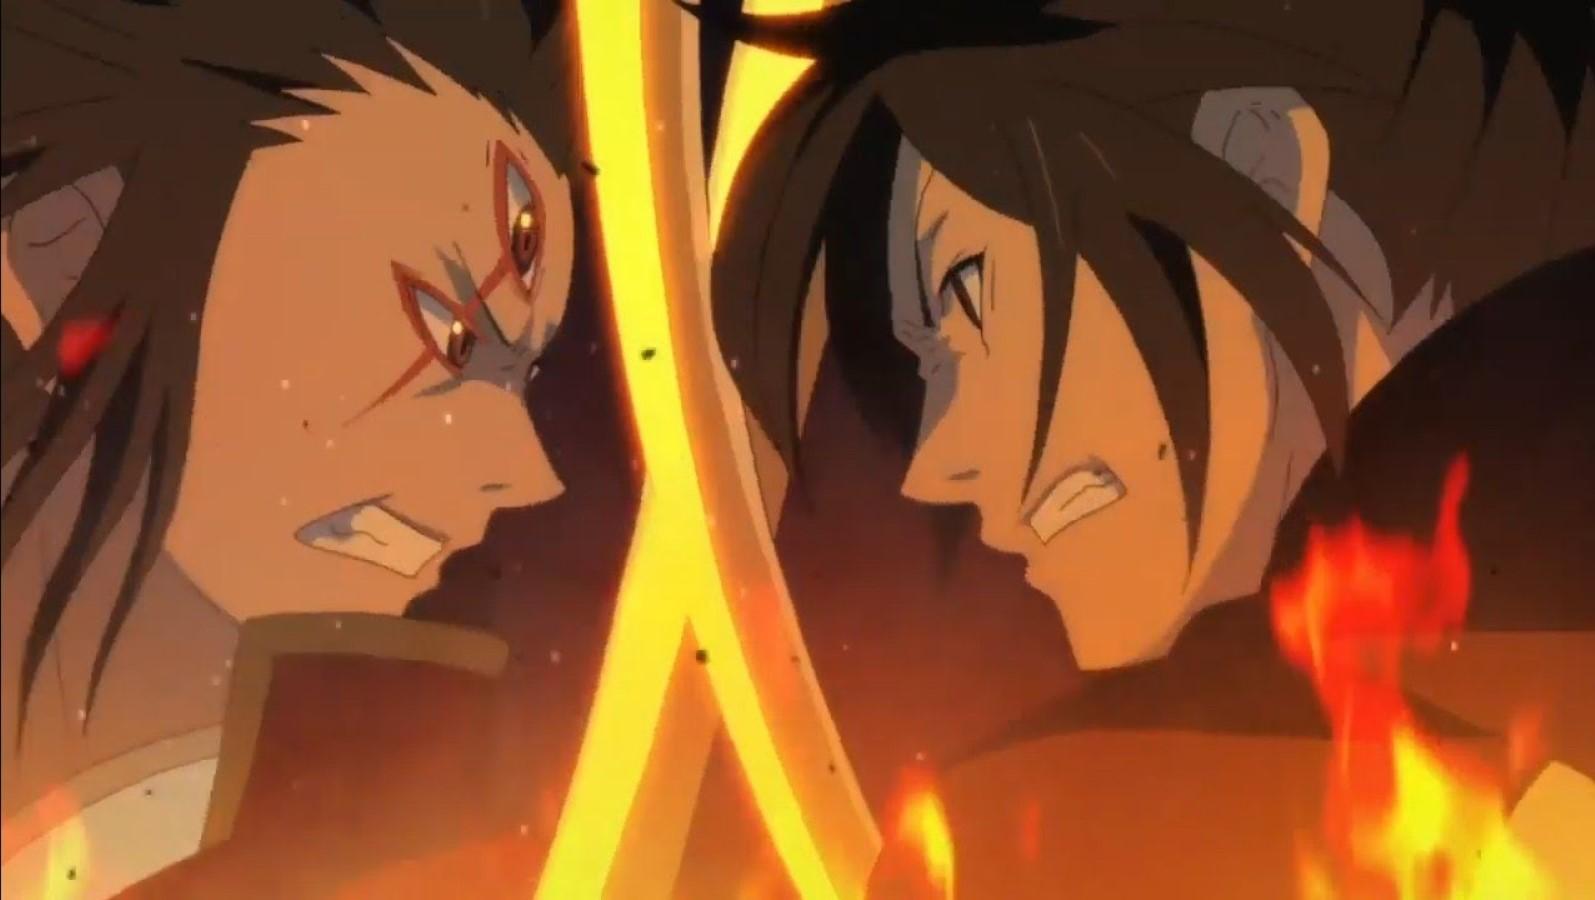 Anime like Demon Slayer!